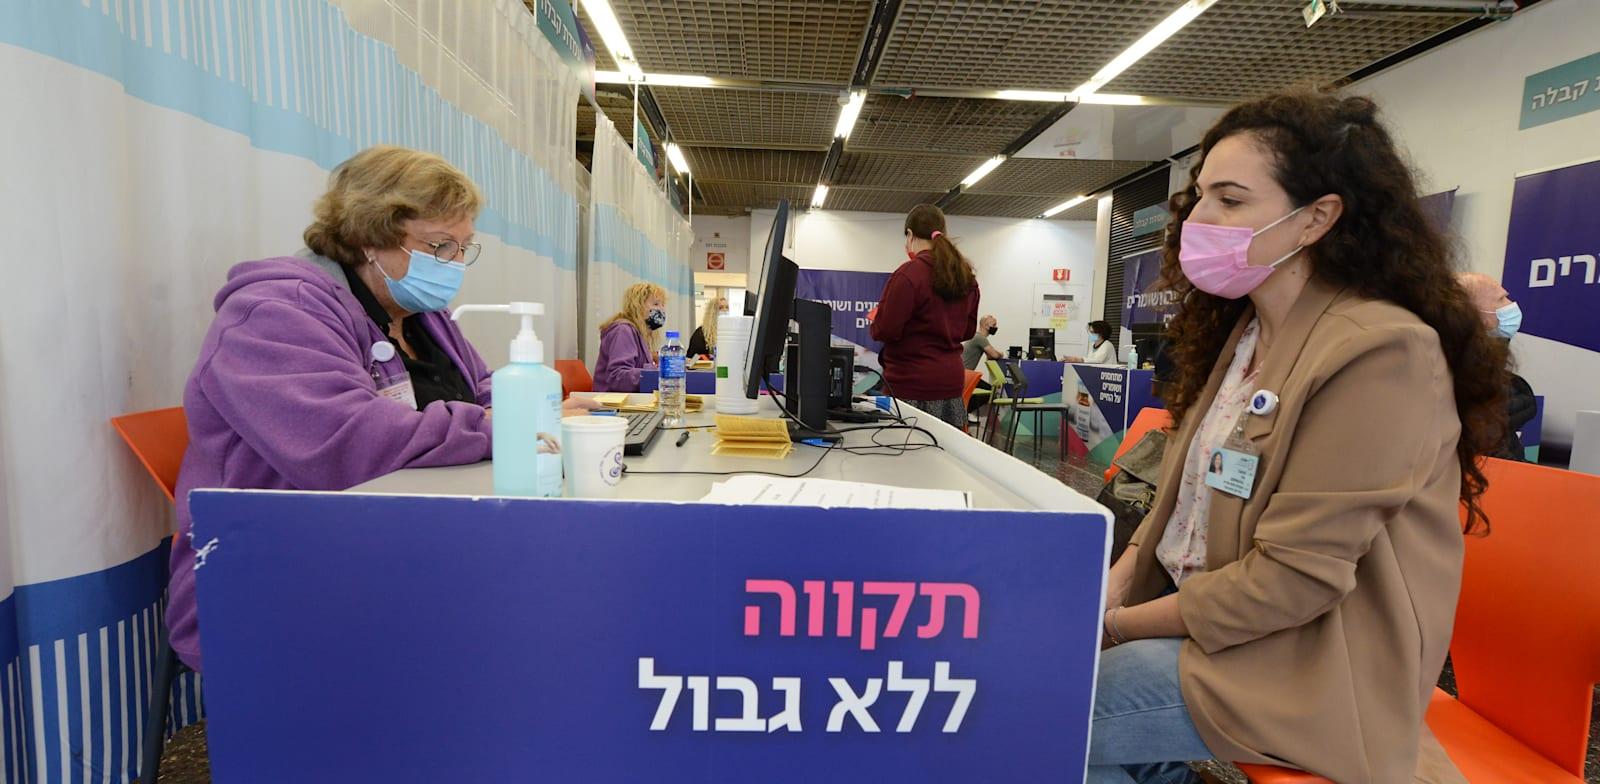 מתחם חיסוני קורונה בבית חולים שיבא תל השומר / צילום: איל יצהר